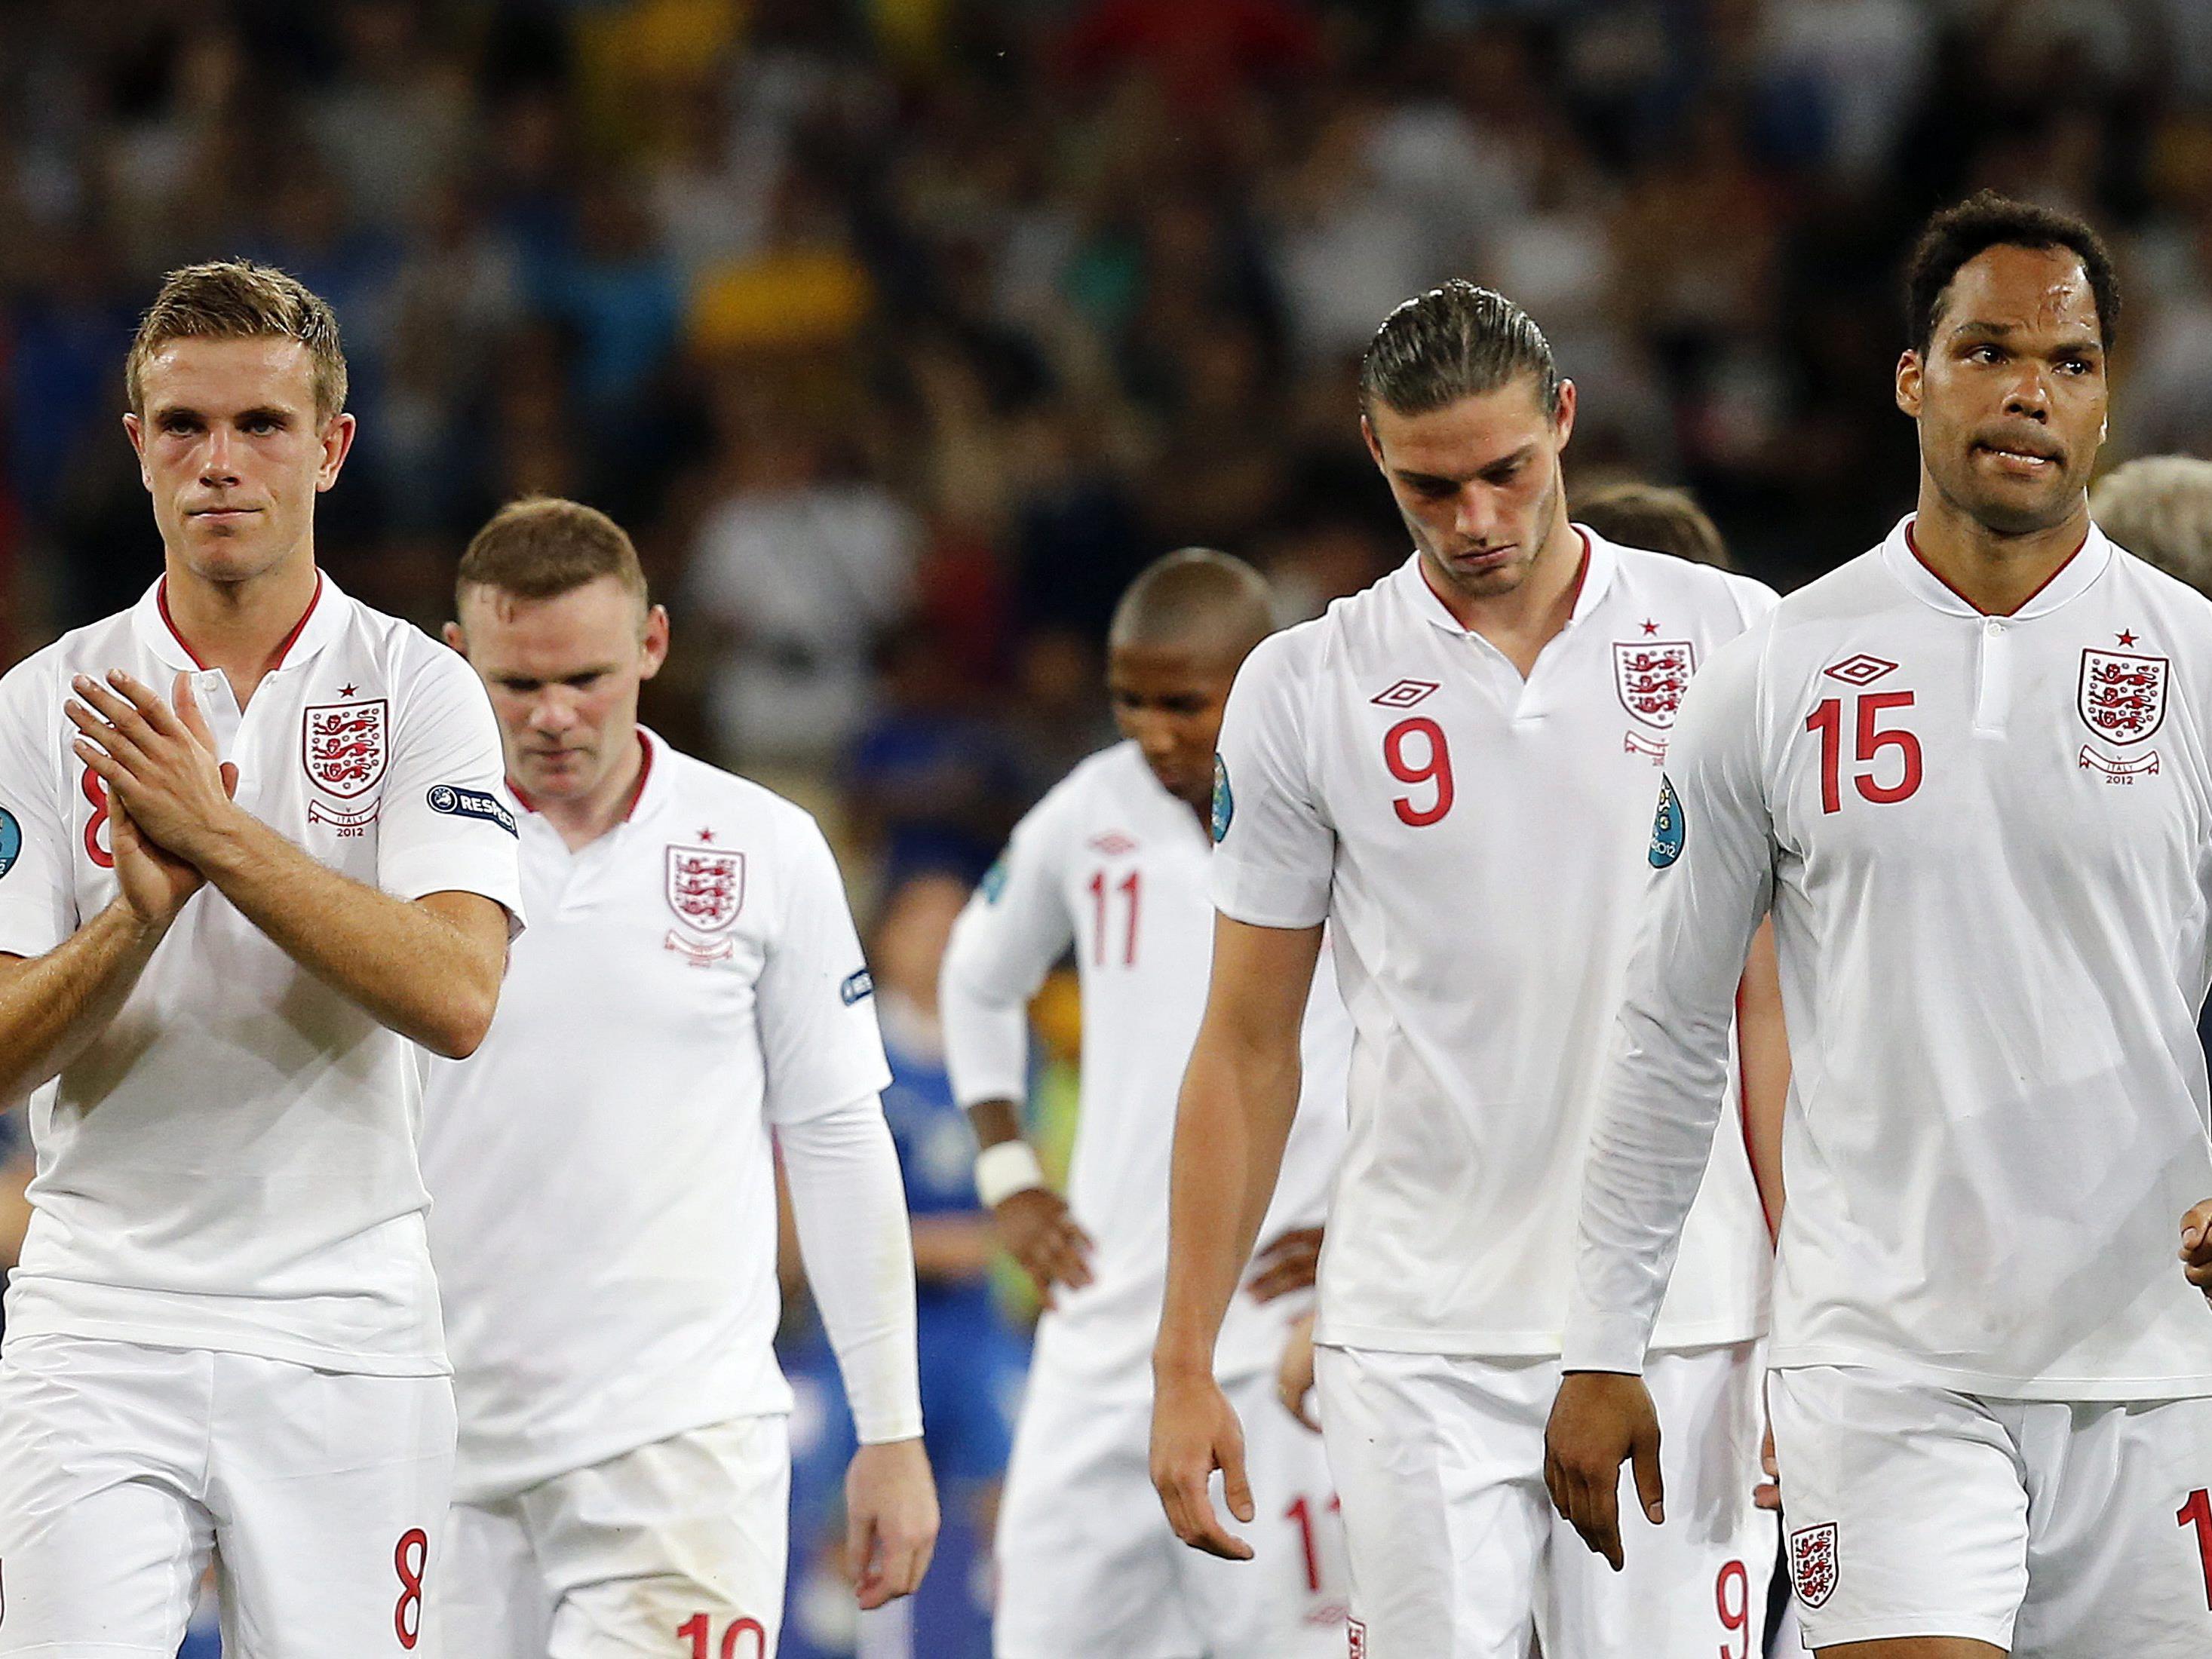 Wieder einmal hängende Köpfe bei den Engländern nach einem Elfmeterschießen.